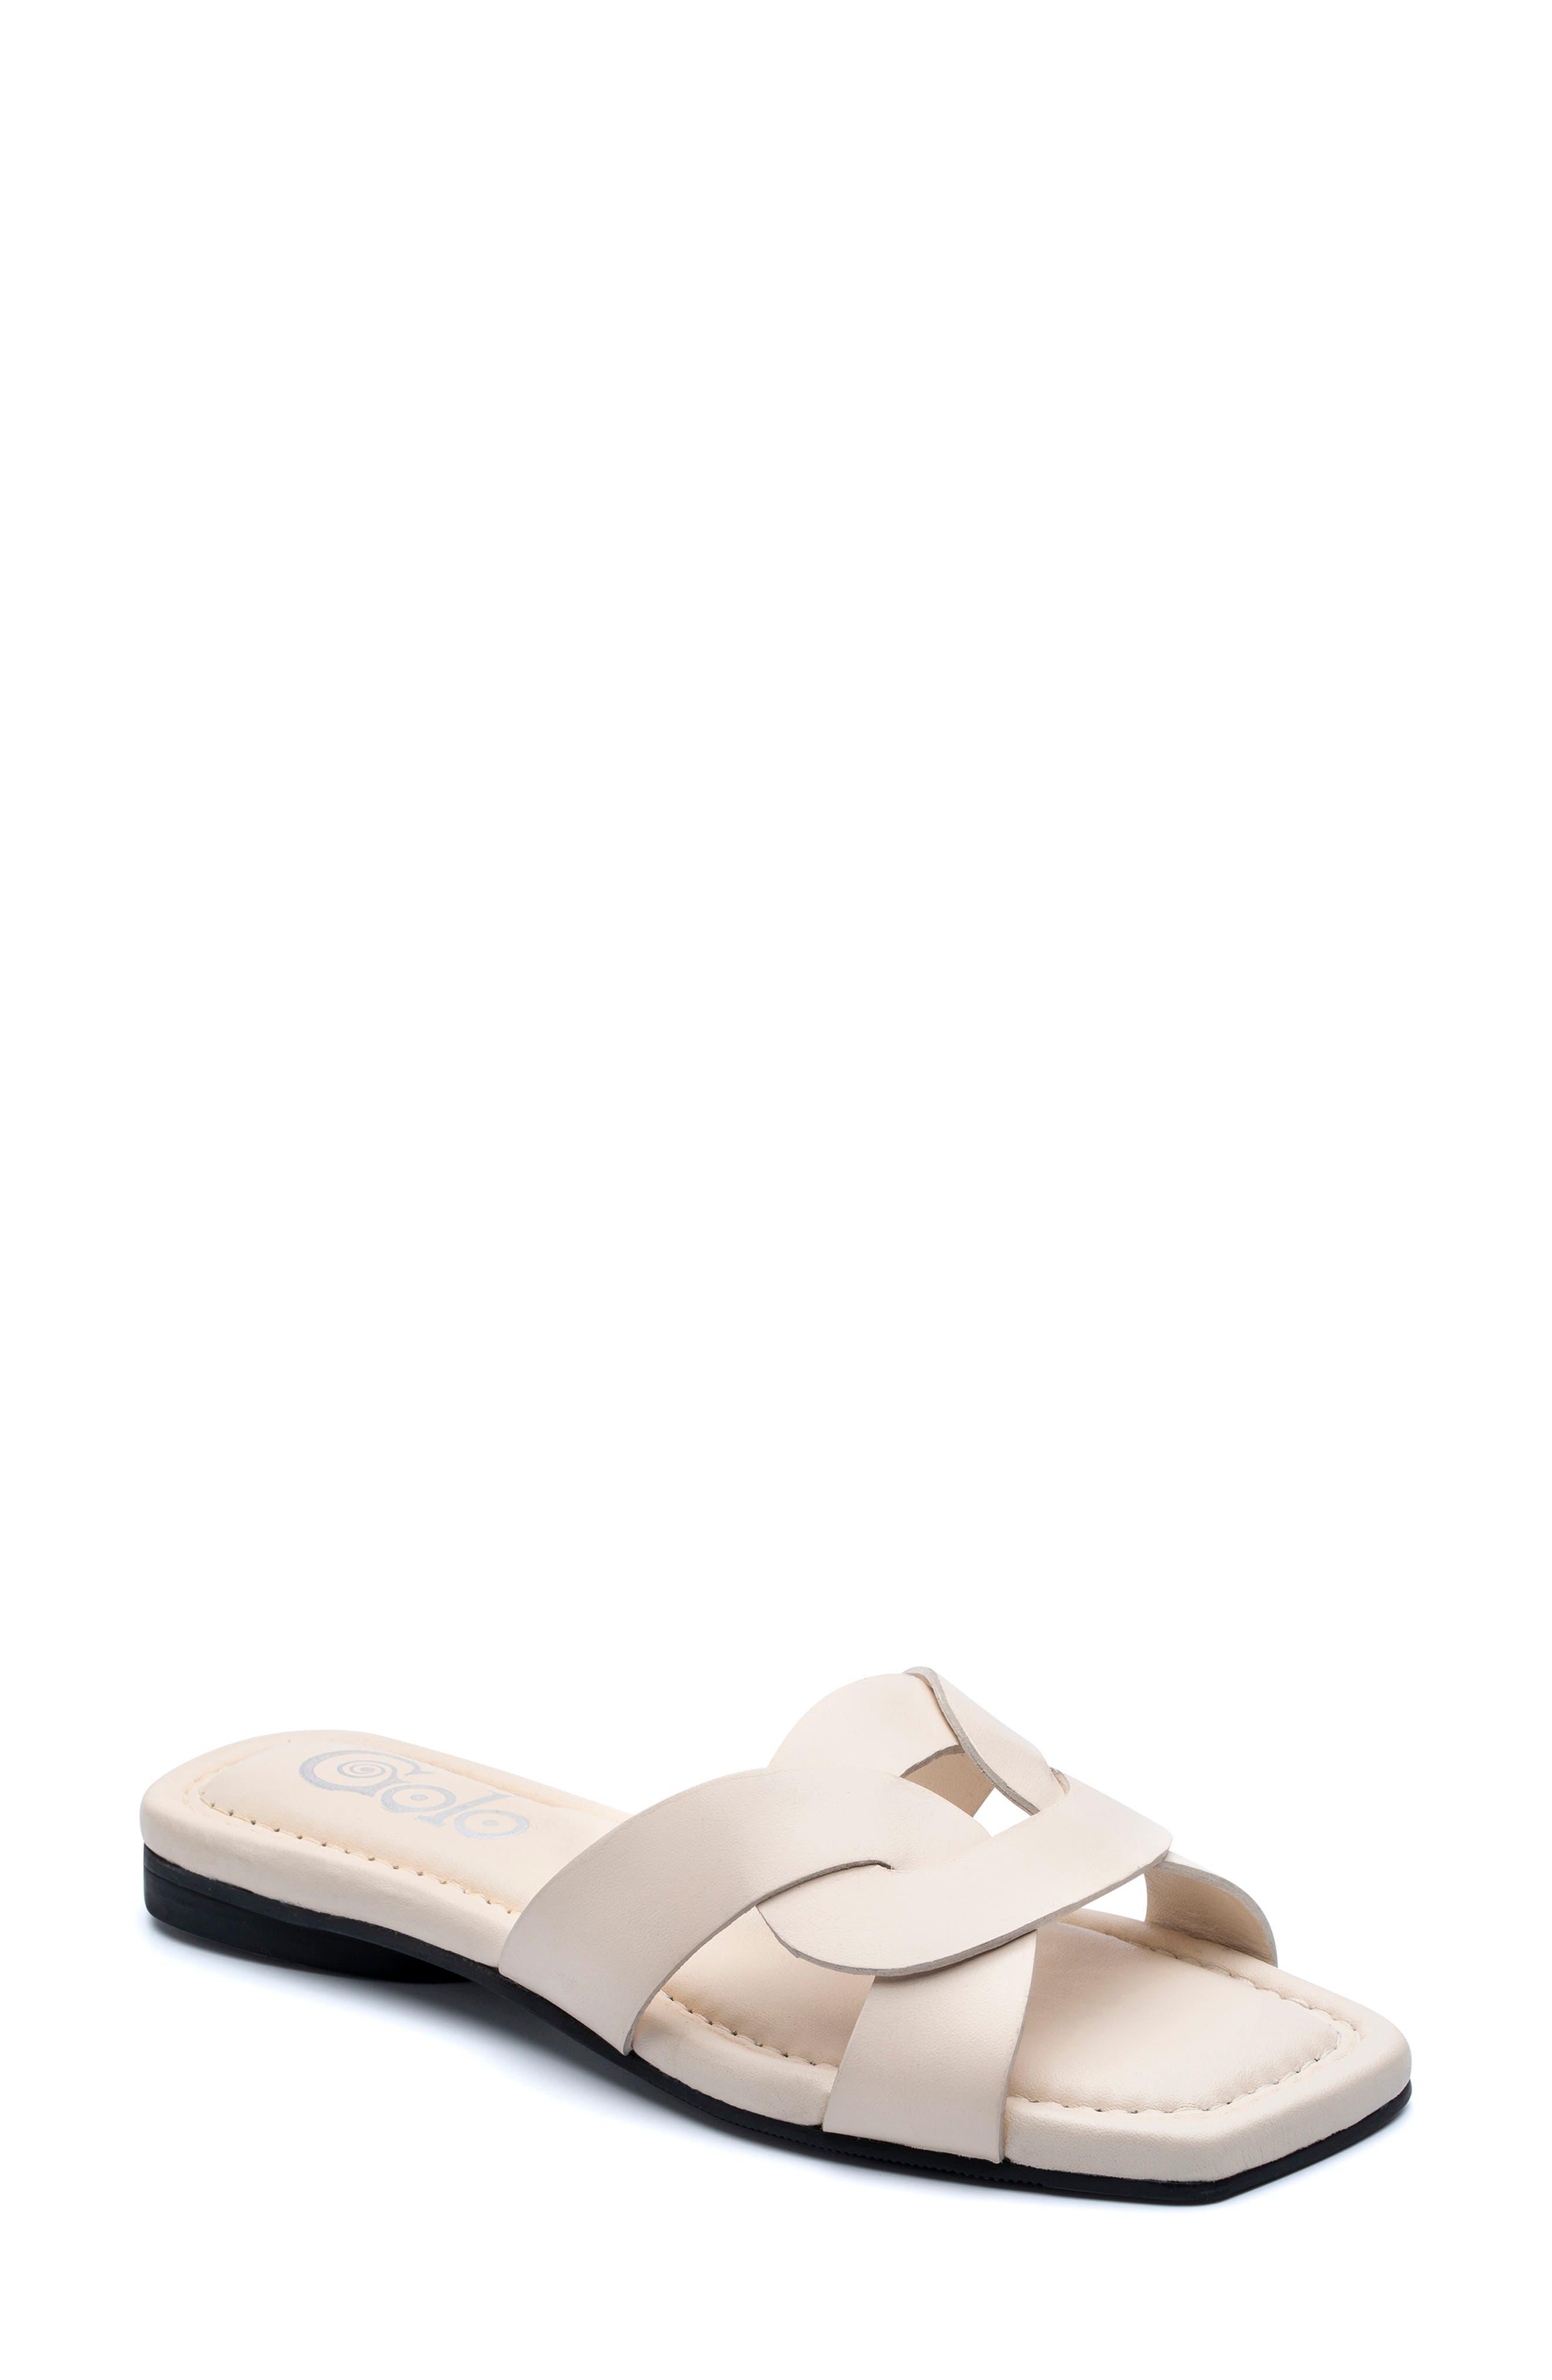 Cheerio Slide Sandal